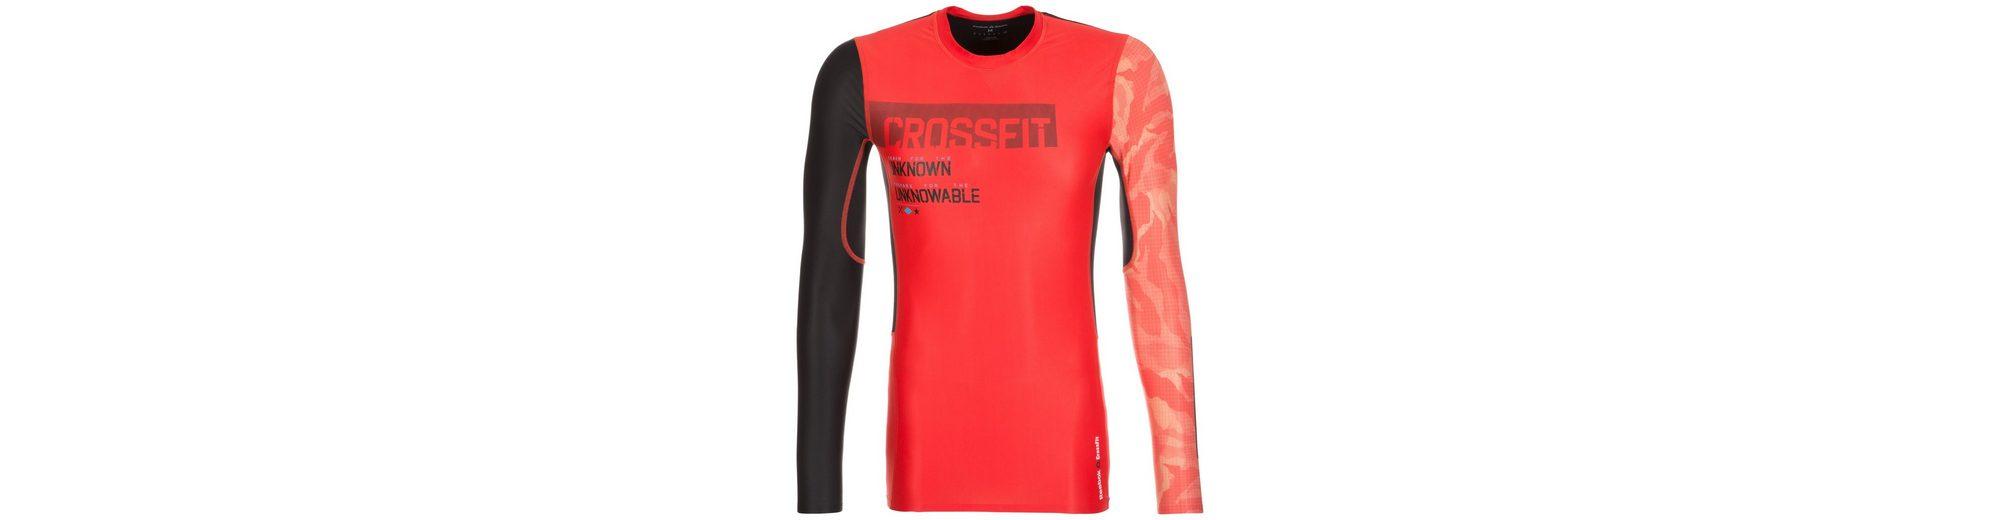 Verkauf Erhalten Zu Kaufen Rabatt 2018 Neueste REEBOK CrossFit Compression Trainingsshirt Herren Spielraum Footaction Freiheit Ausgezeichnet Verkaufen Sind Große GxYo5N